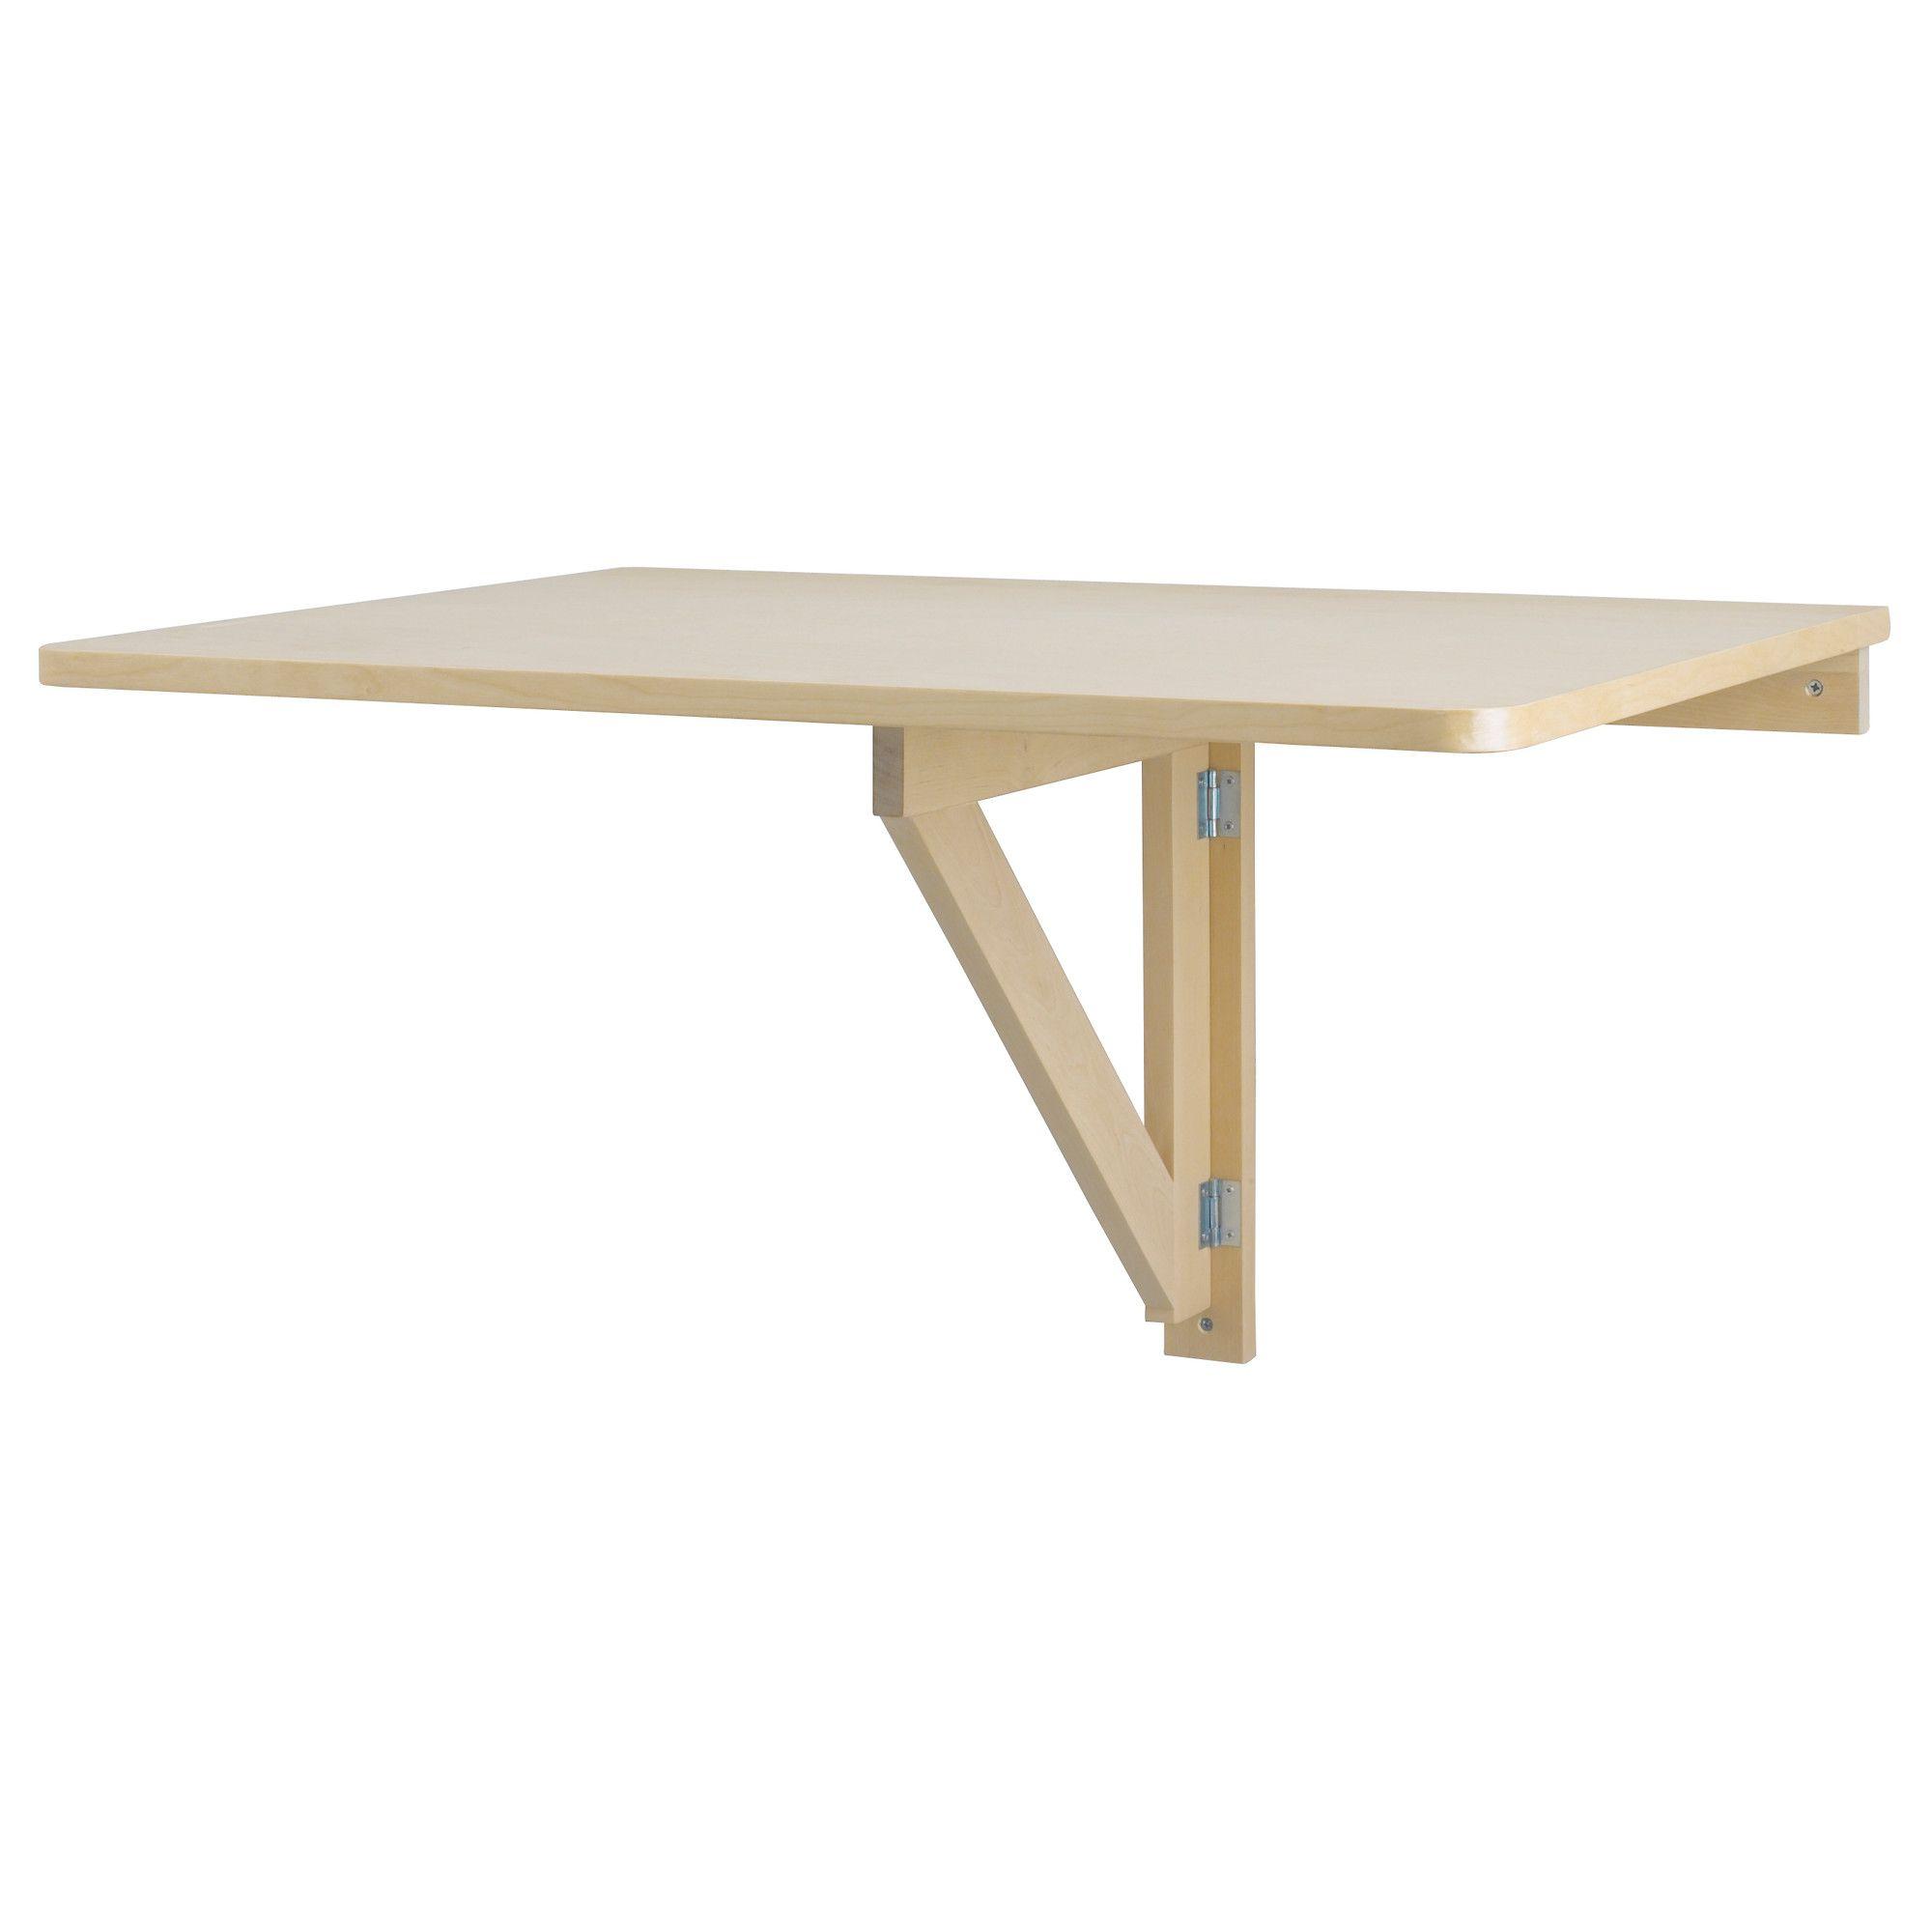 NORBO Mesa abatible de pared - abedul - IKEA    Ancho: 79 cm  fondo: 59 cm  profundidad máxima: 8 cm    29.99 €